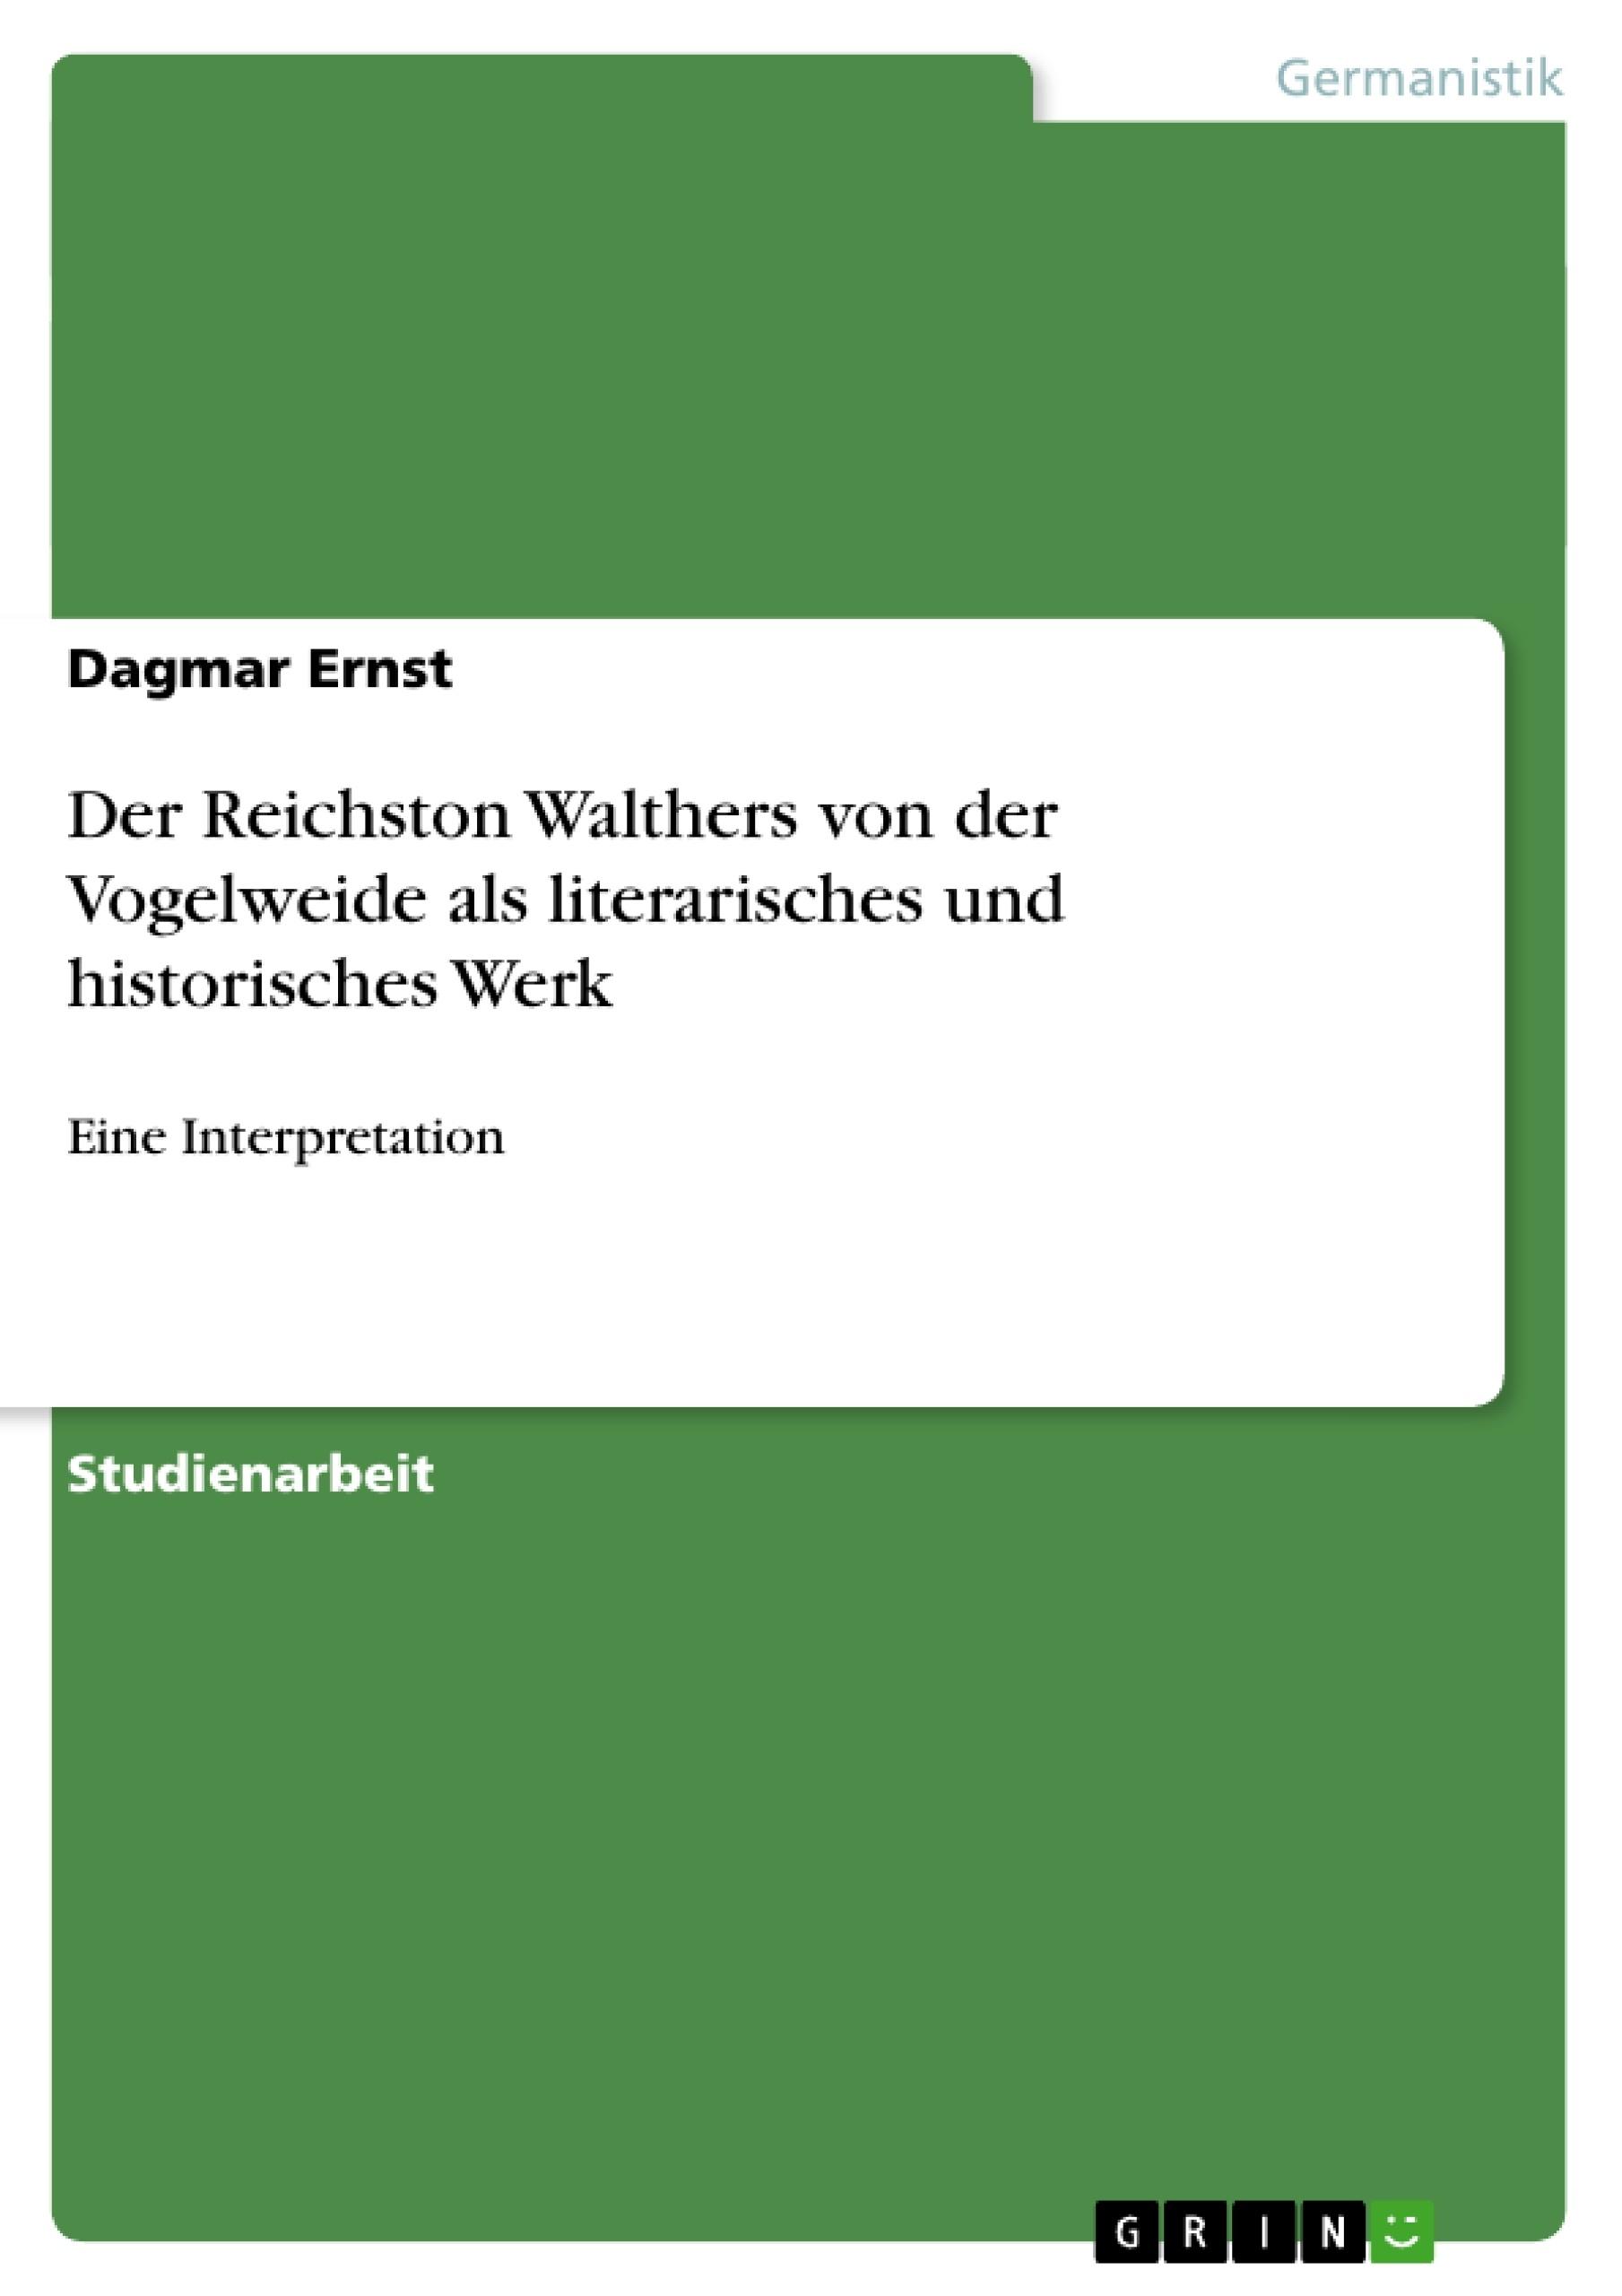 Titel: Der Reichston Walthers von der Vogelweide als literarisches und historisches Werk